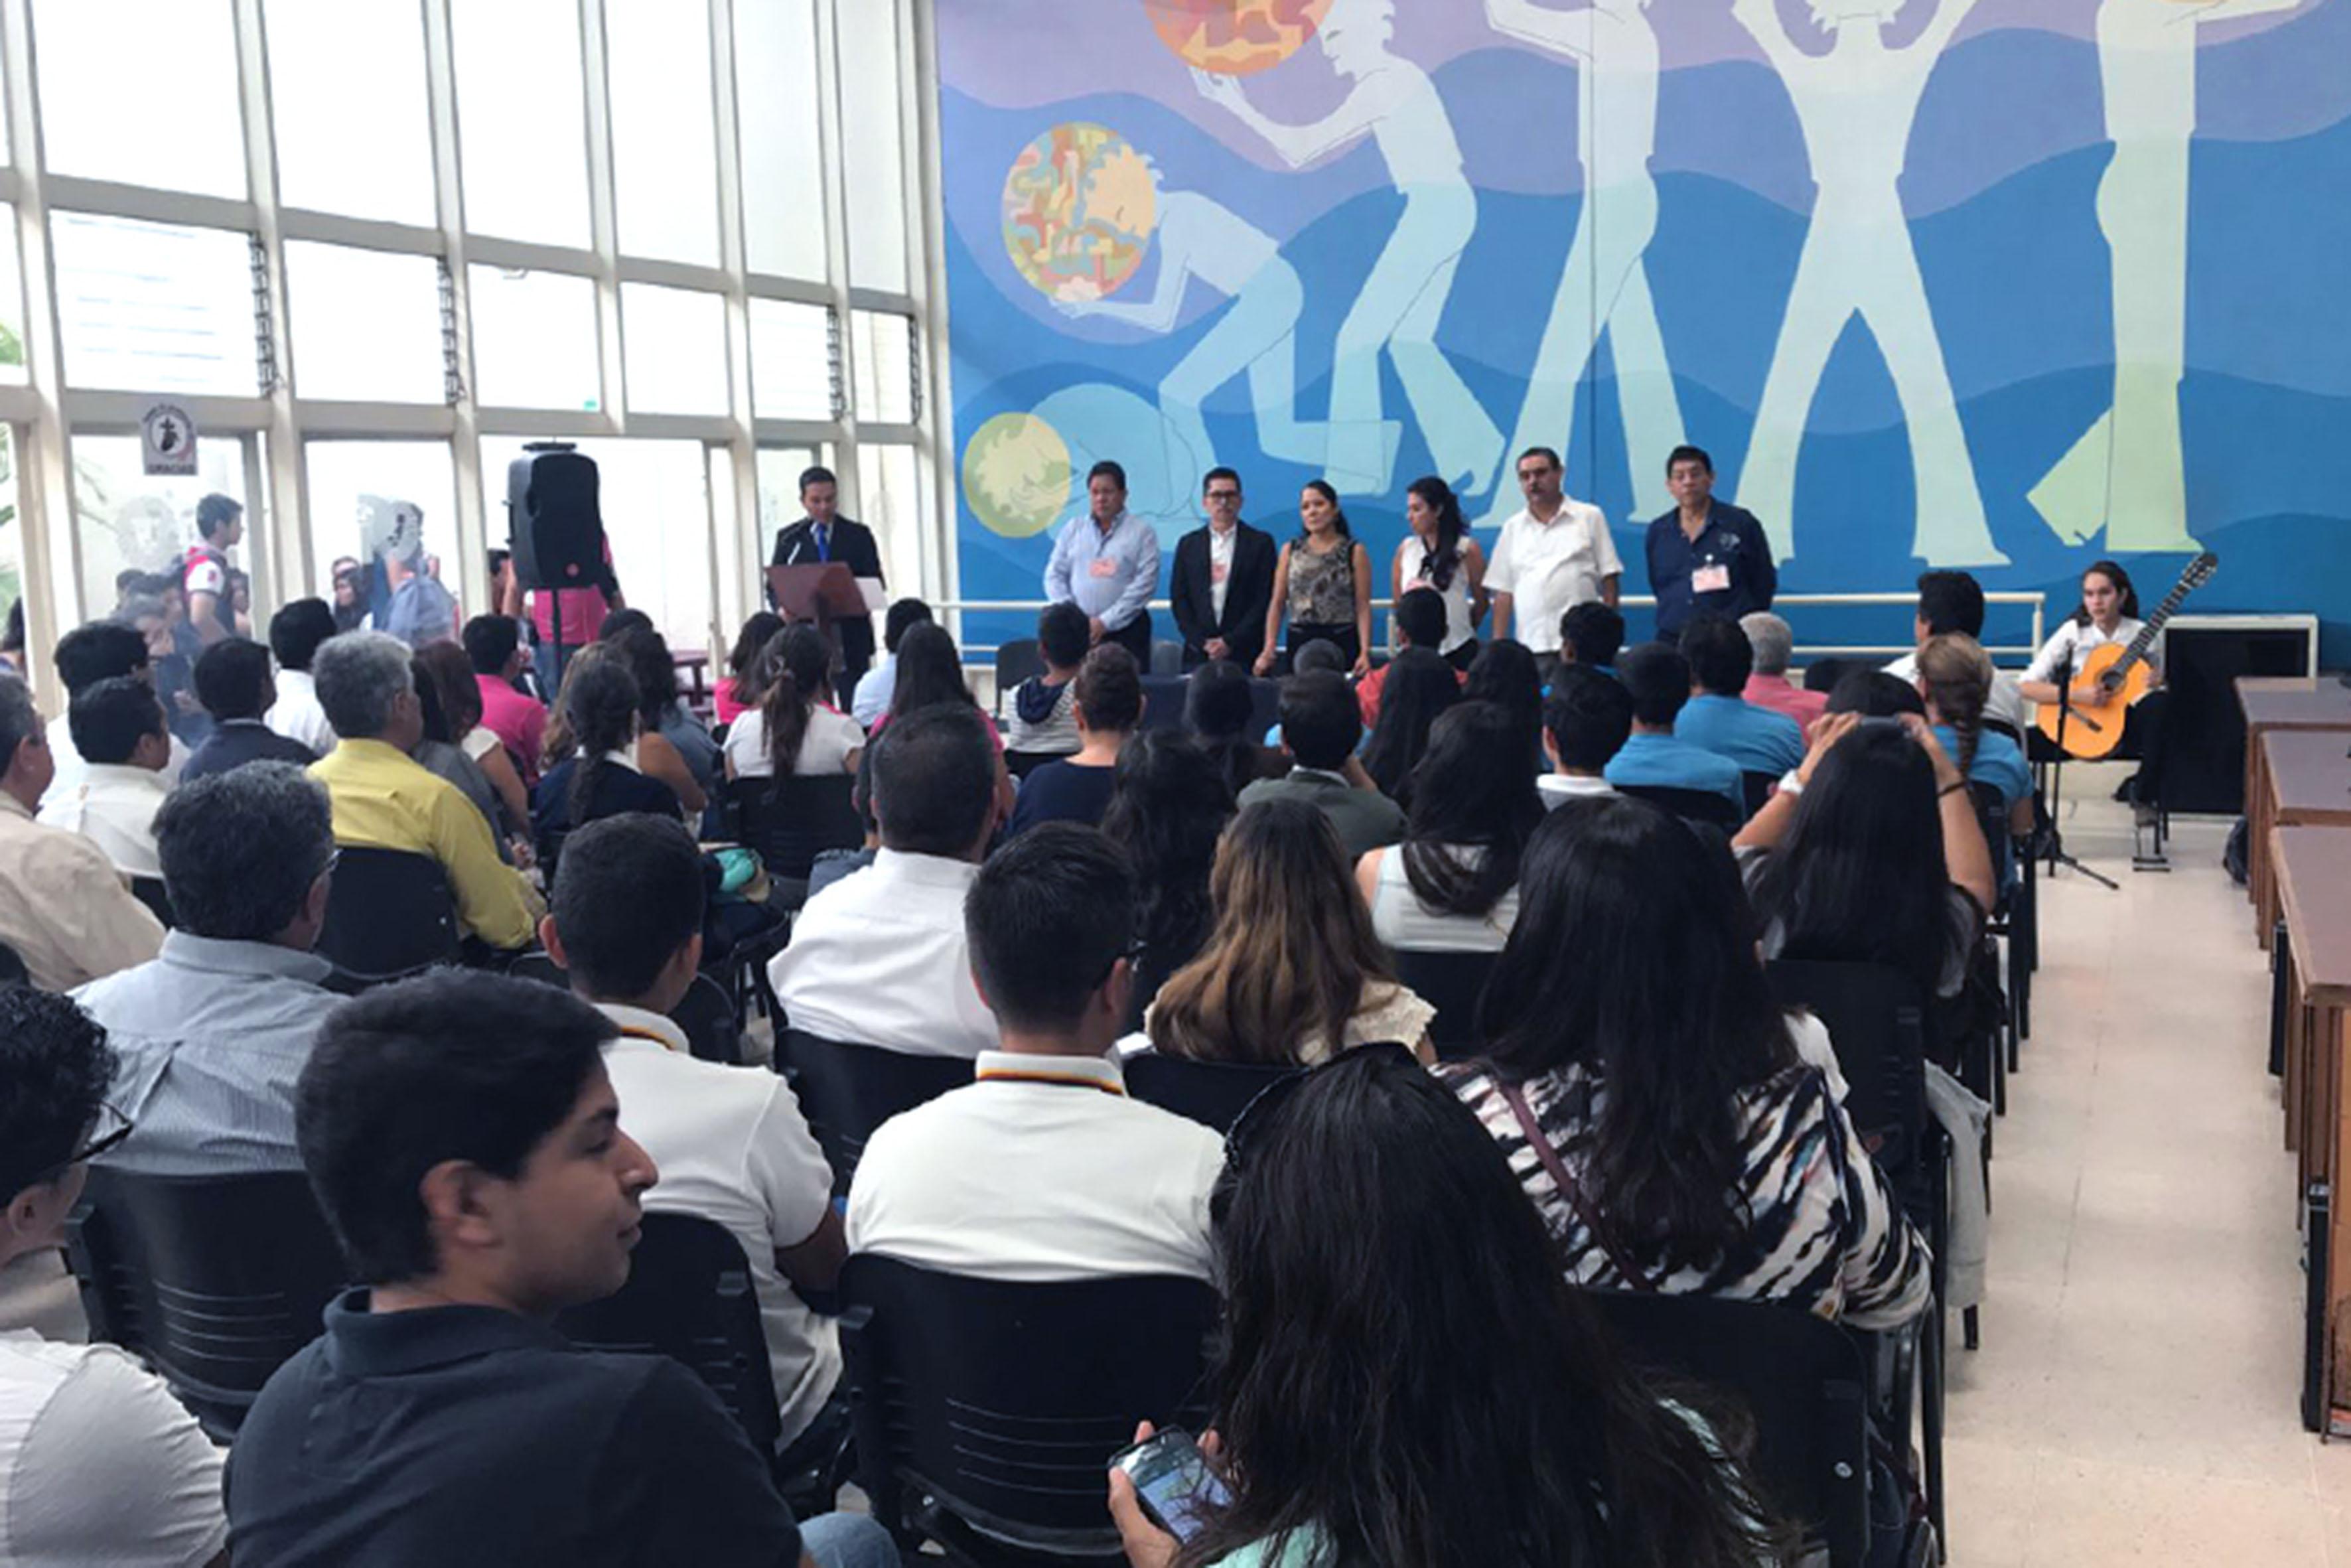 Evento llevado a cabo en auditorio de la Preparatoria No. 5 para dar a conocer a los 68 alumnos del Sistema de Educación Media Superior de la Universidad de Guadalajara que ganaron en la XXVII Olimpiada Estatal de Biología.